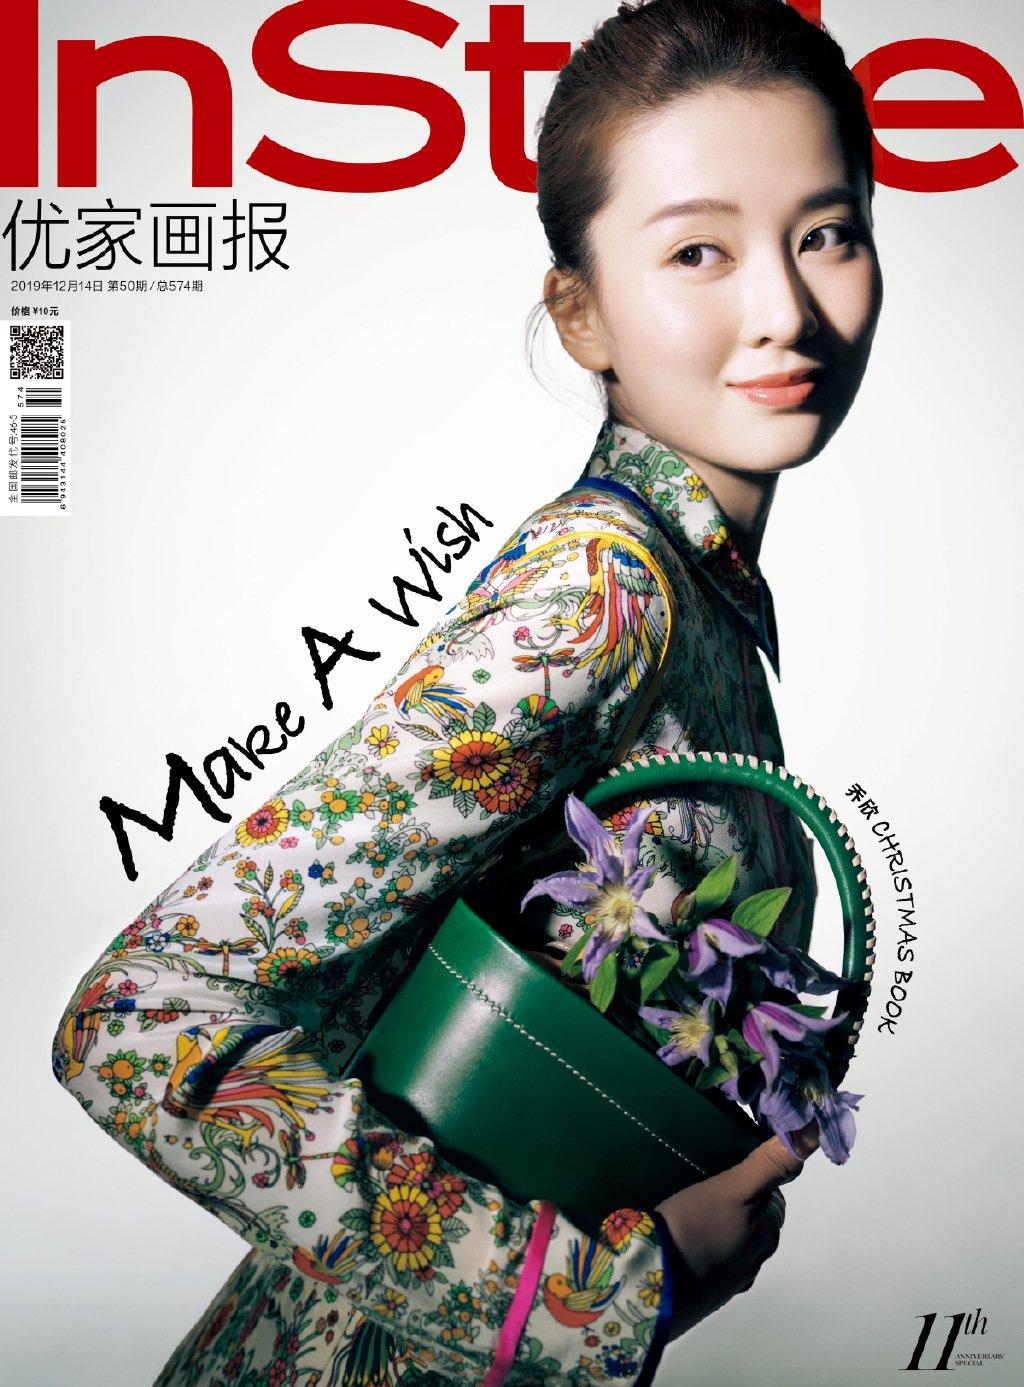 乔欣最新时尚杂志封面大片